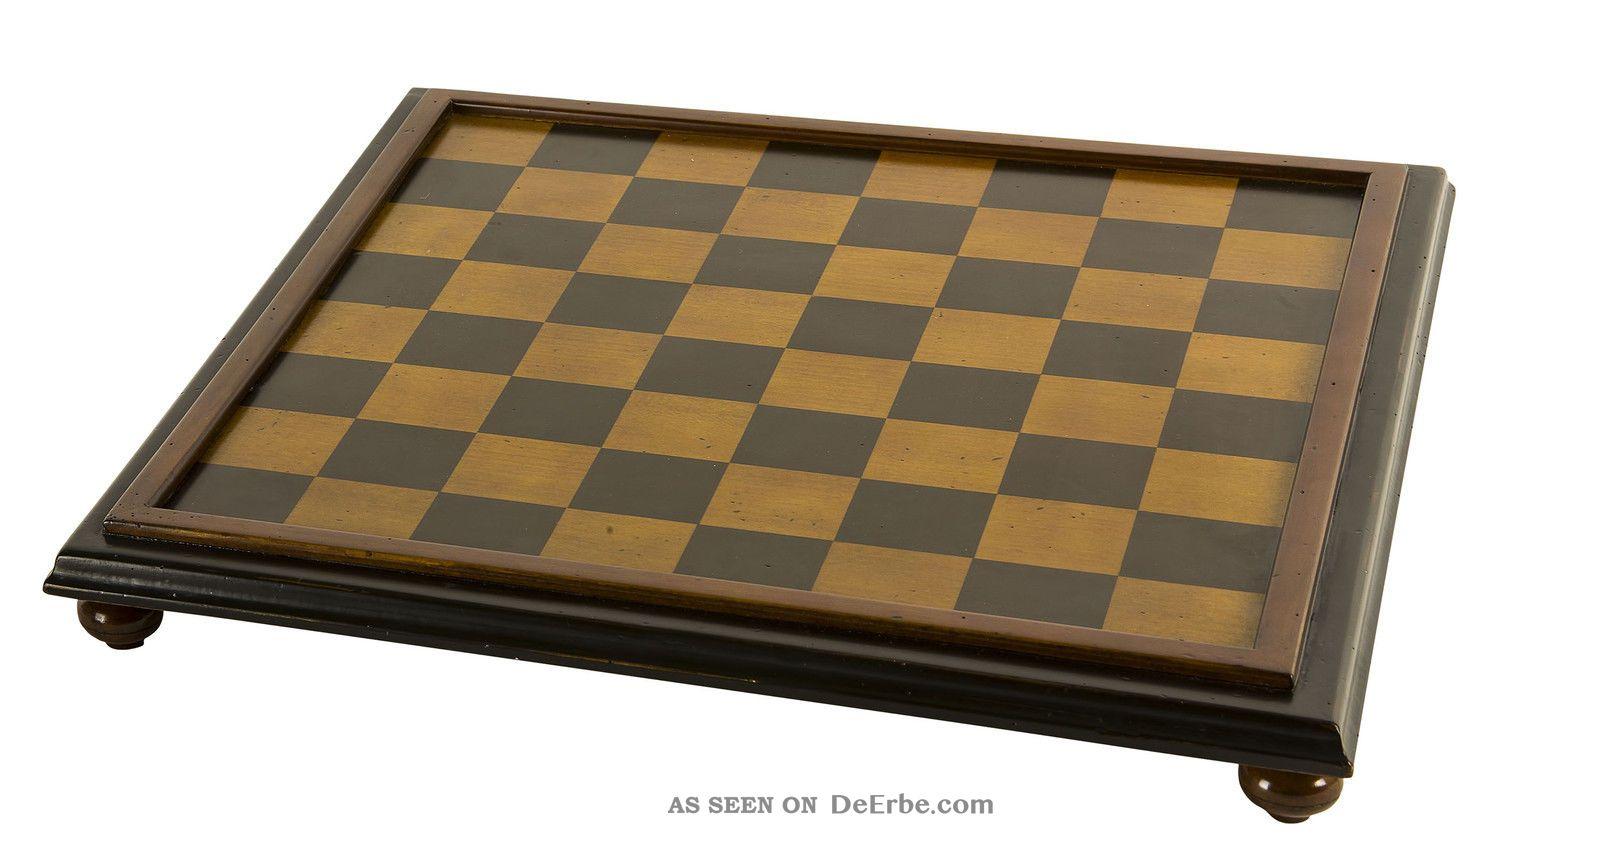 Authentic Models Classic Chess Board - Klassisches Schachbrett Gefertigt nach 1945 Bild